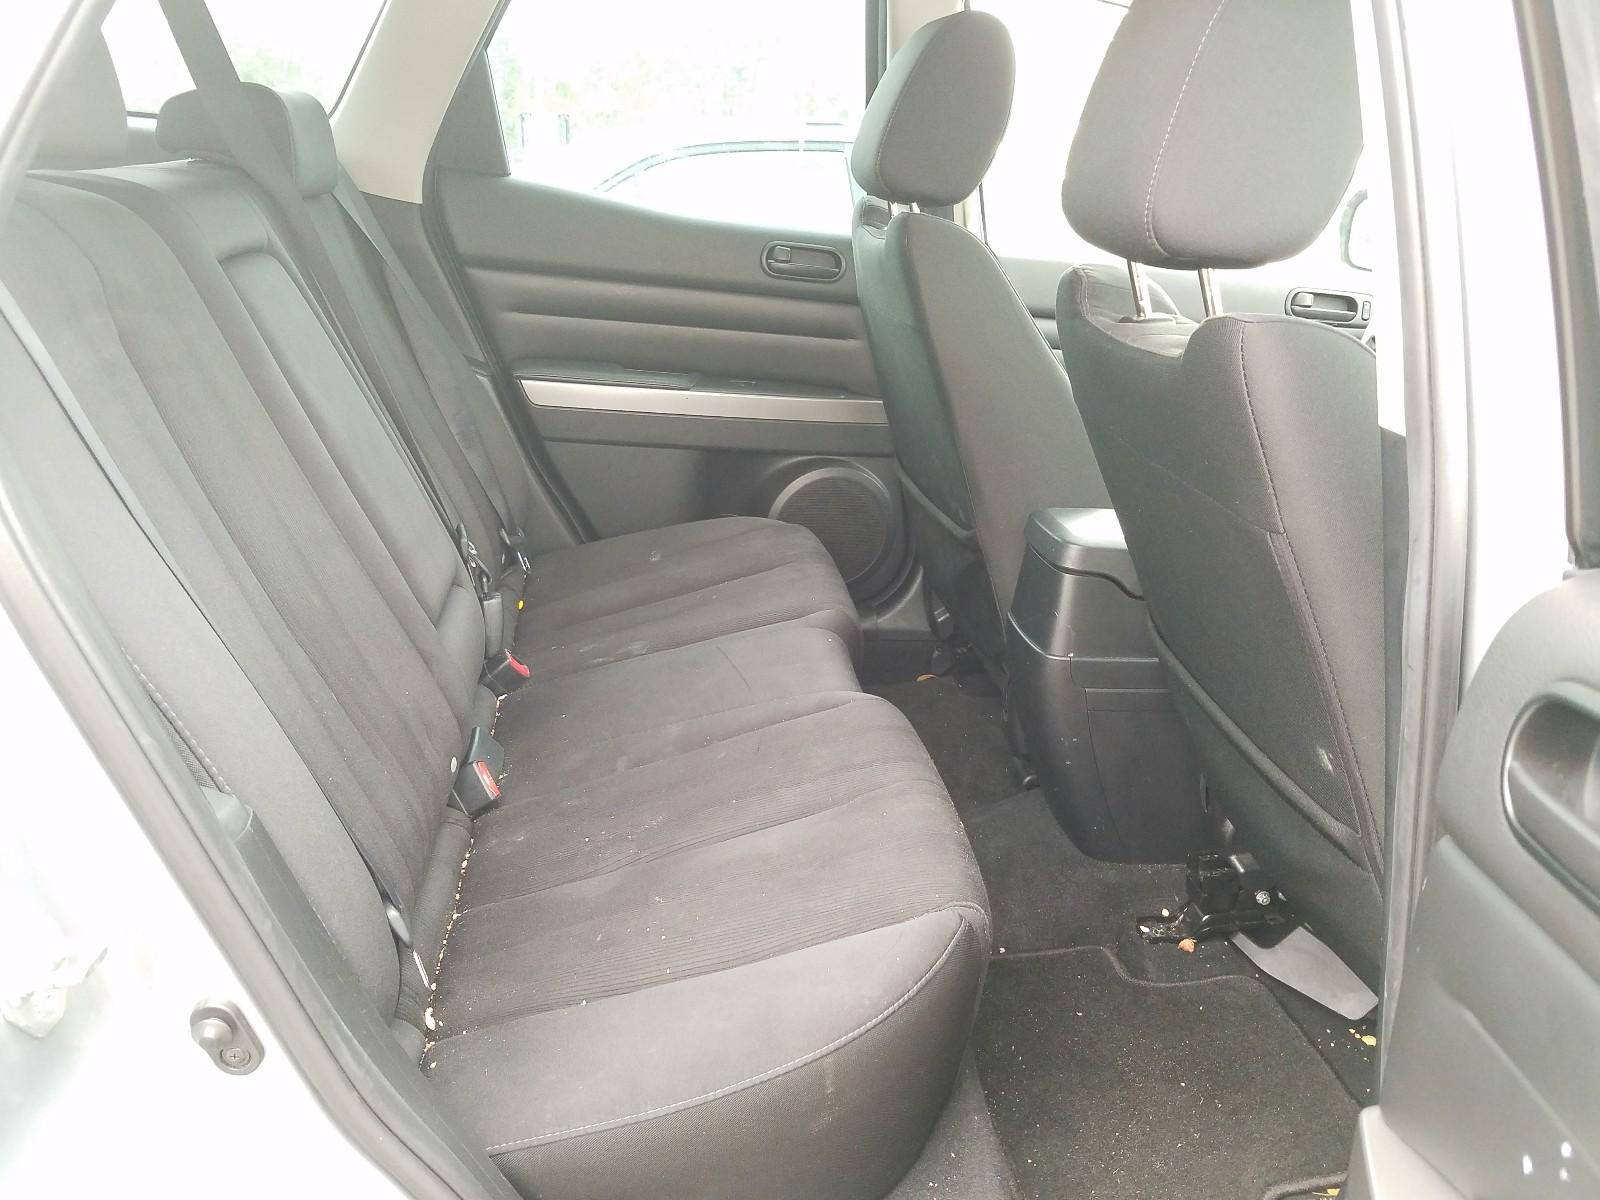 JM3ER2W51A0346416 - 2010 Mazda Cx-7 2.5L detail view